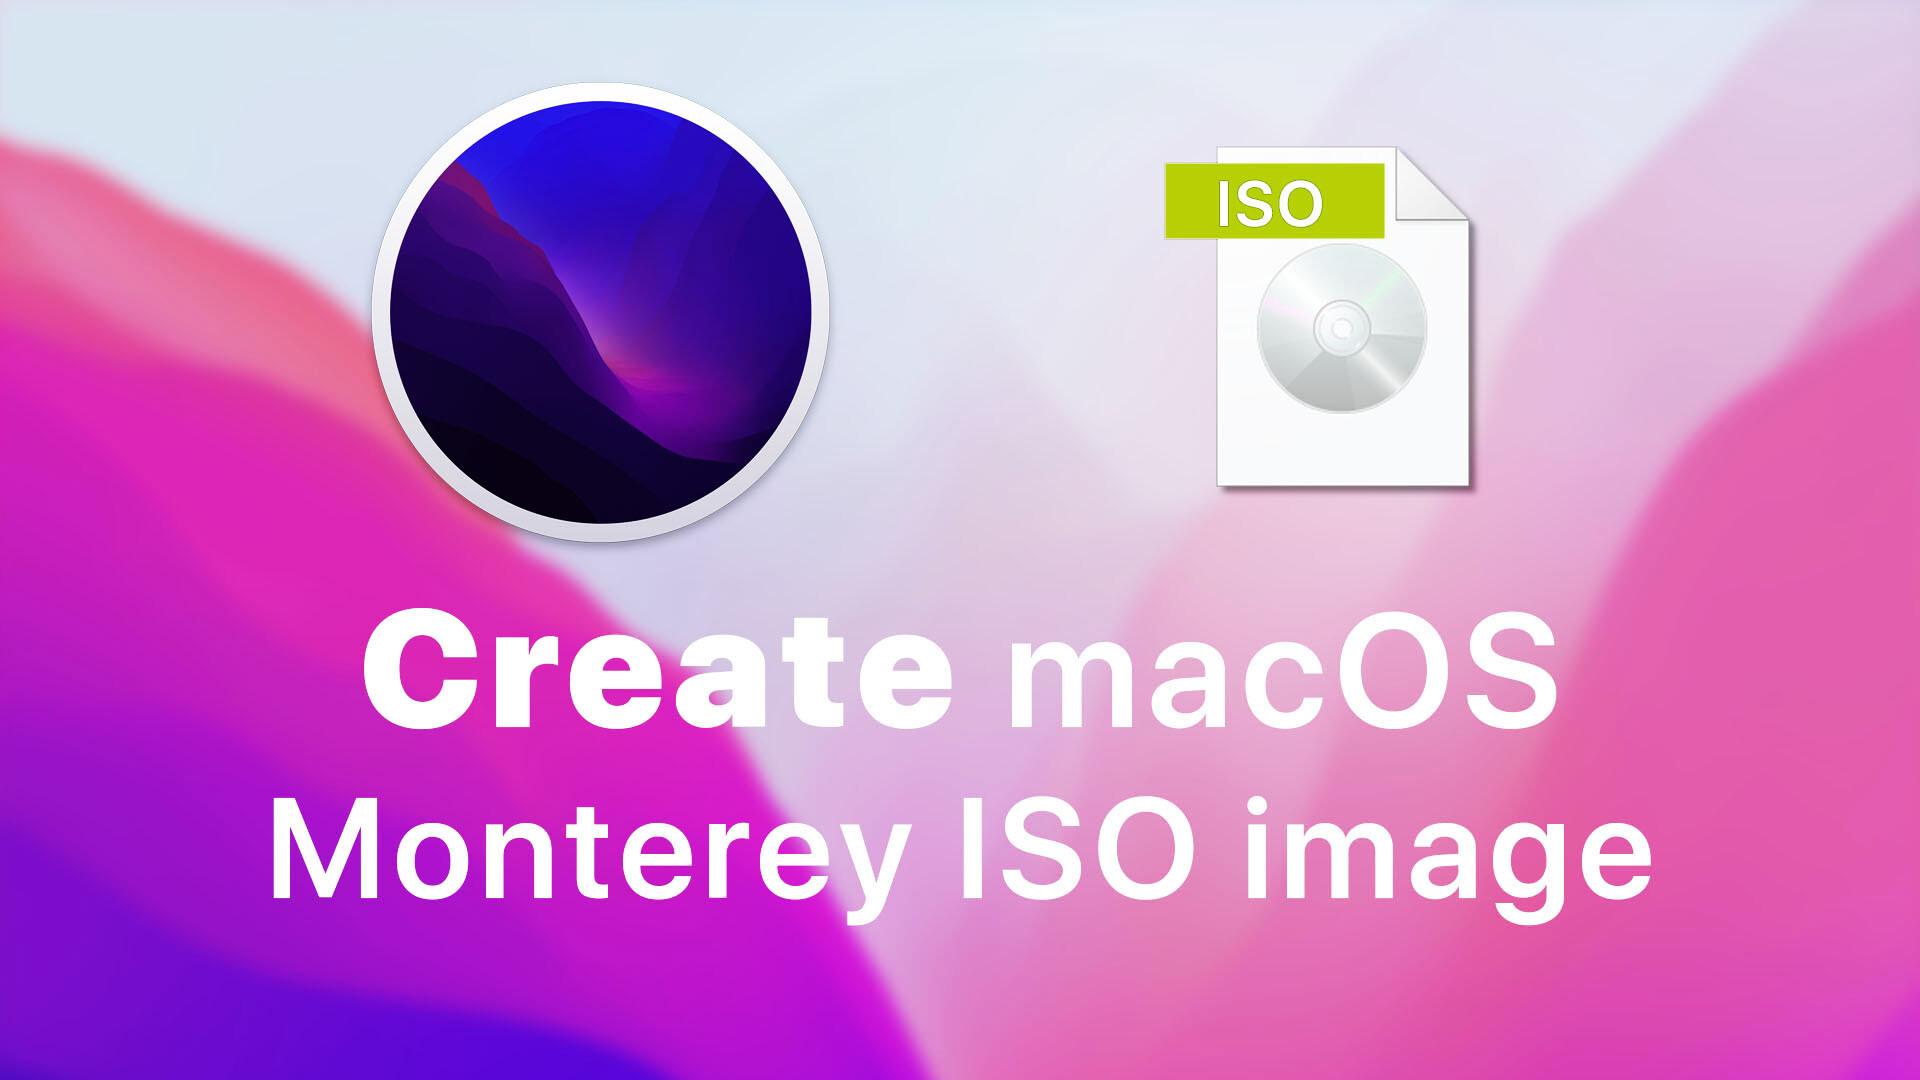 Create macOS Monterey ISO Image